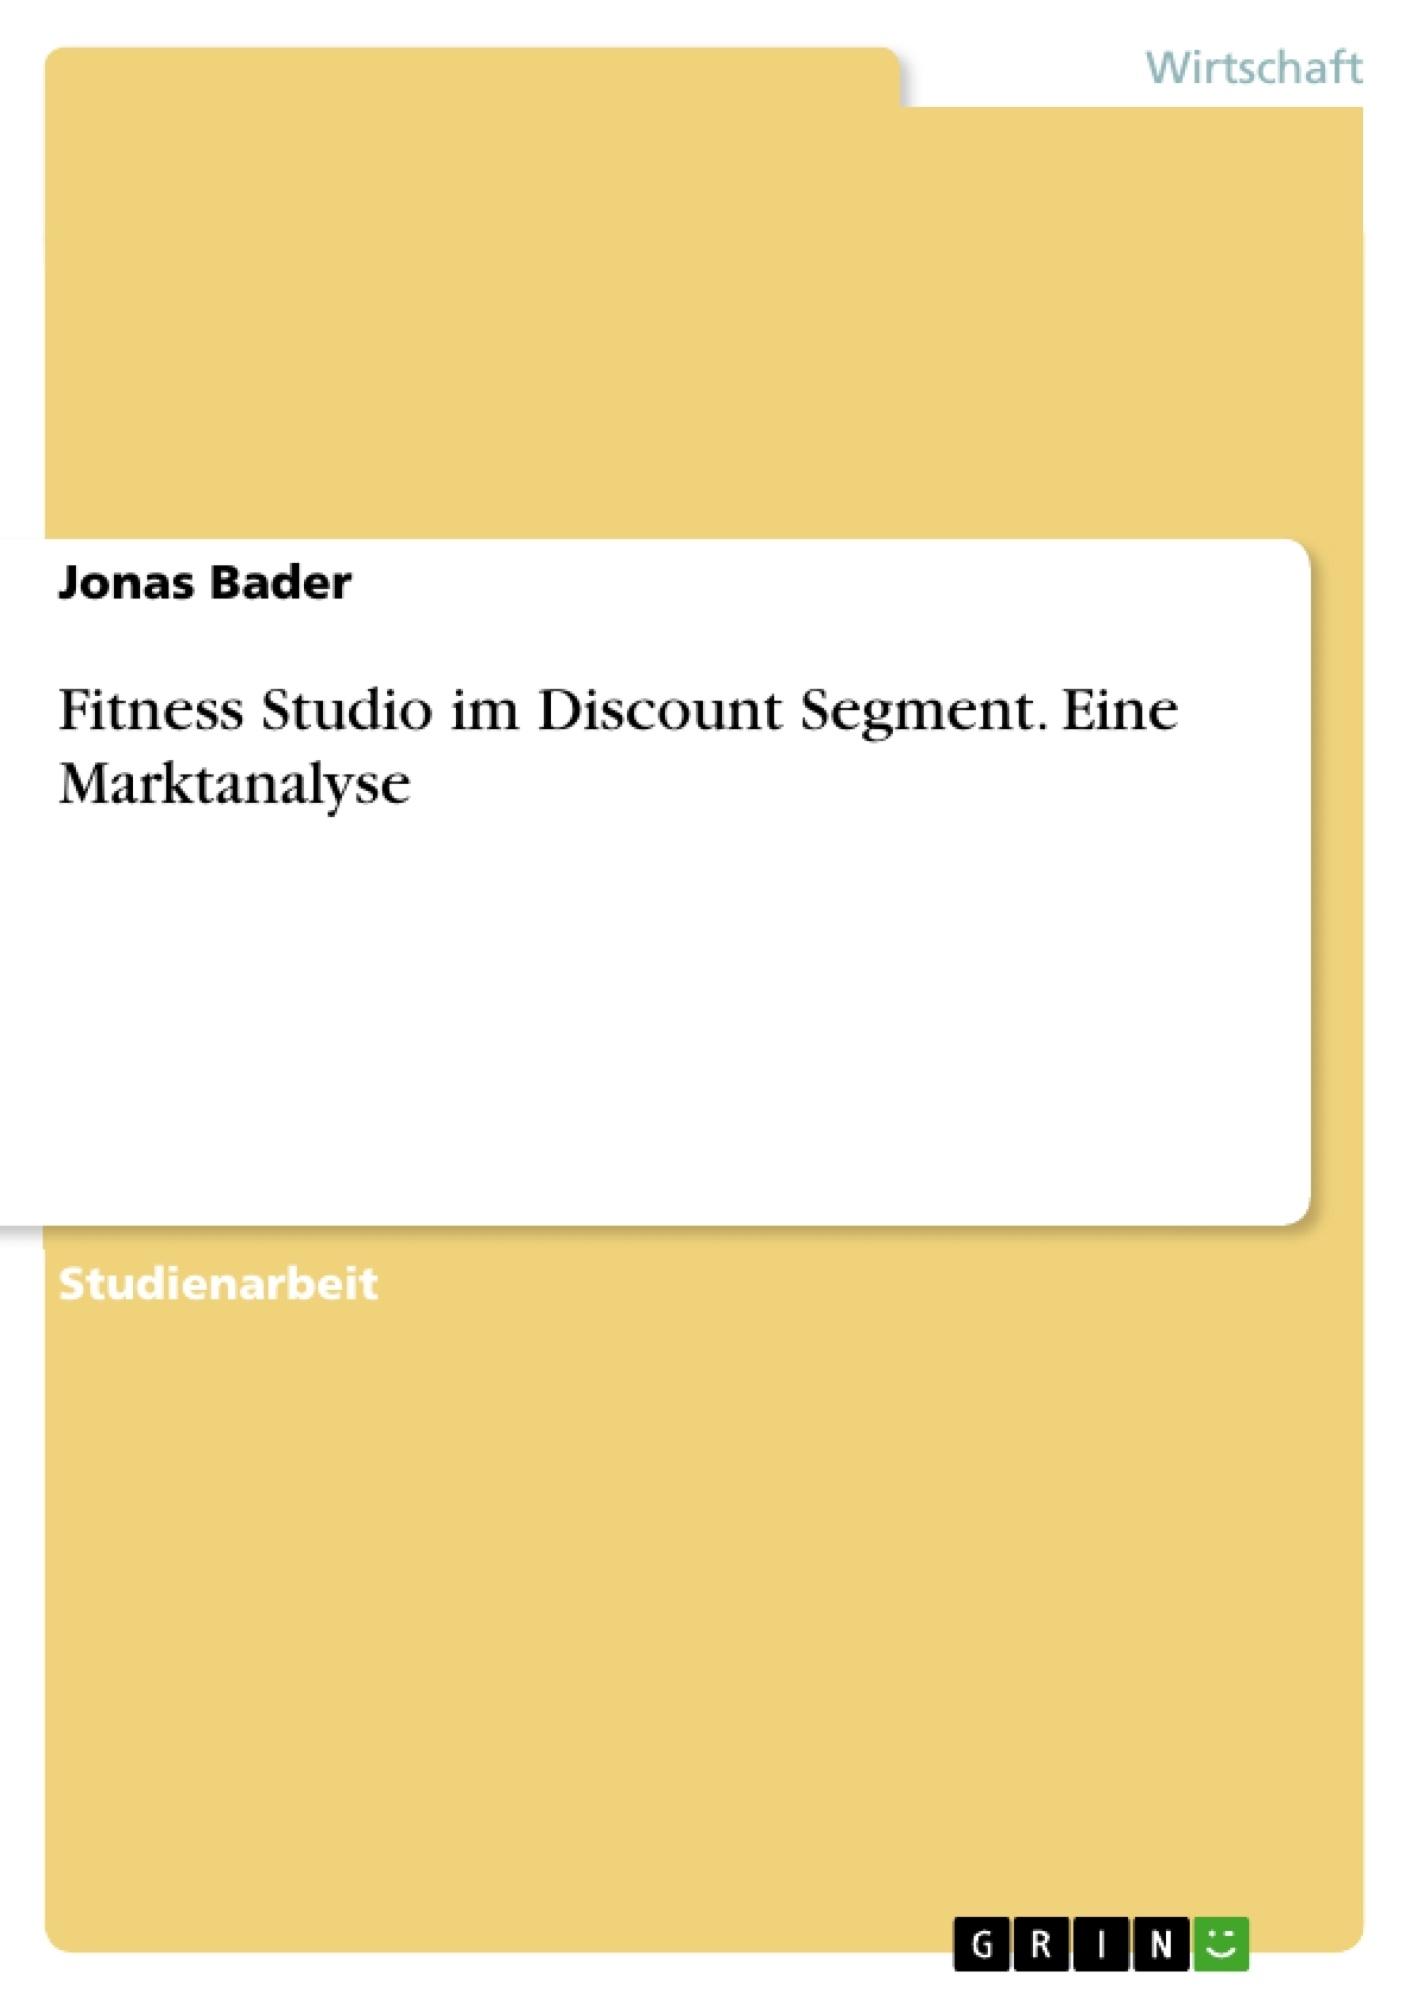 Titel: Fitness Studio im Discount Segment. Eine Marktanalyse